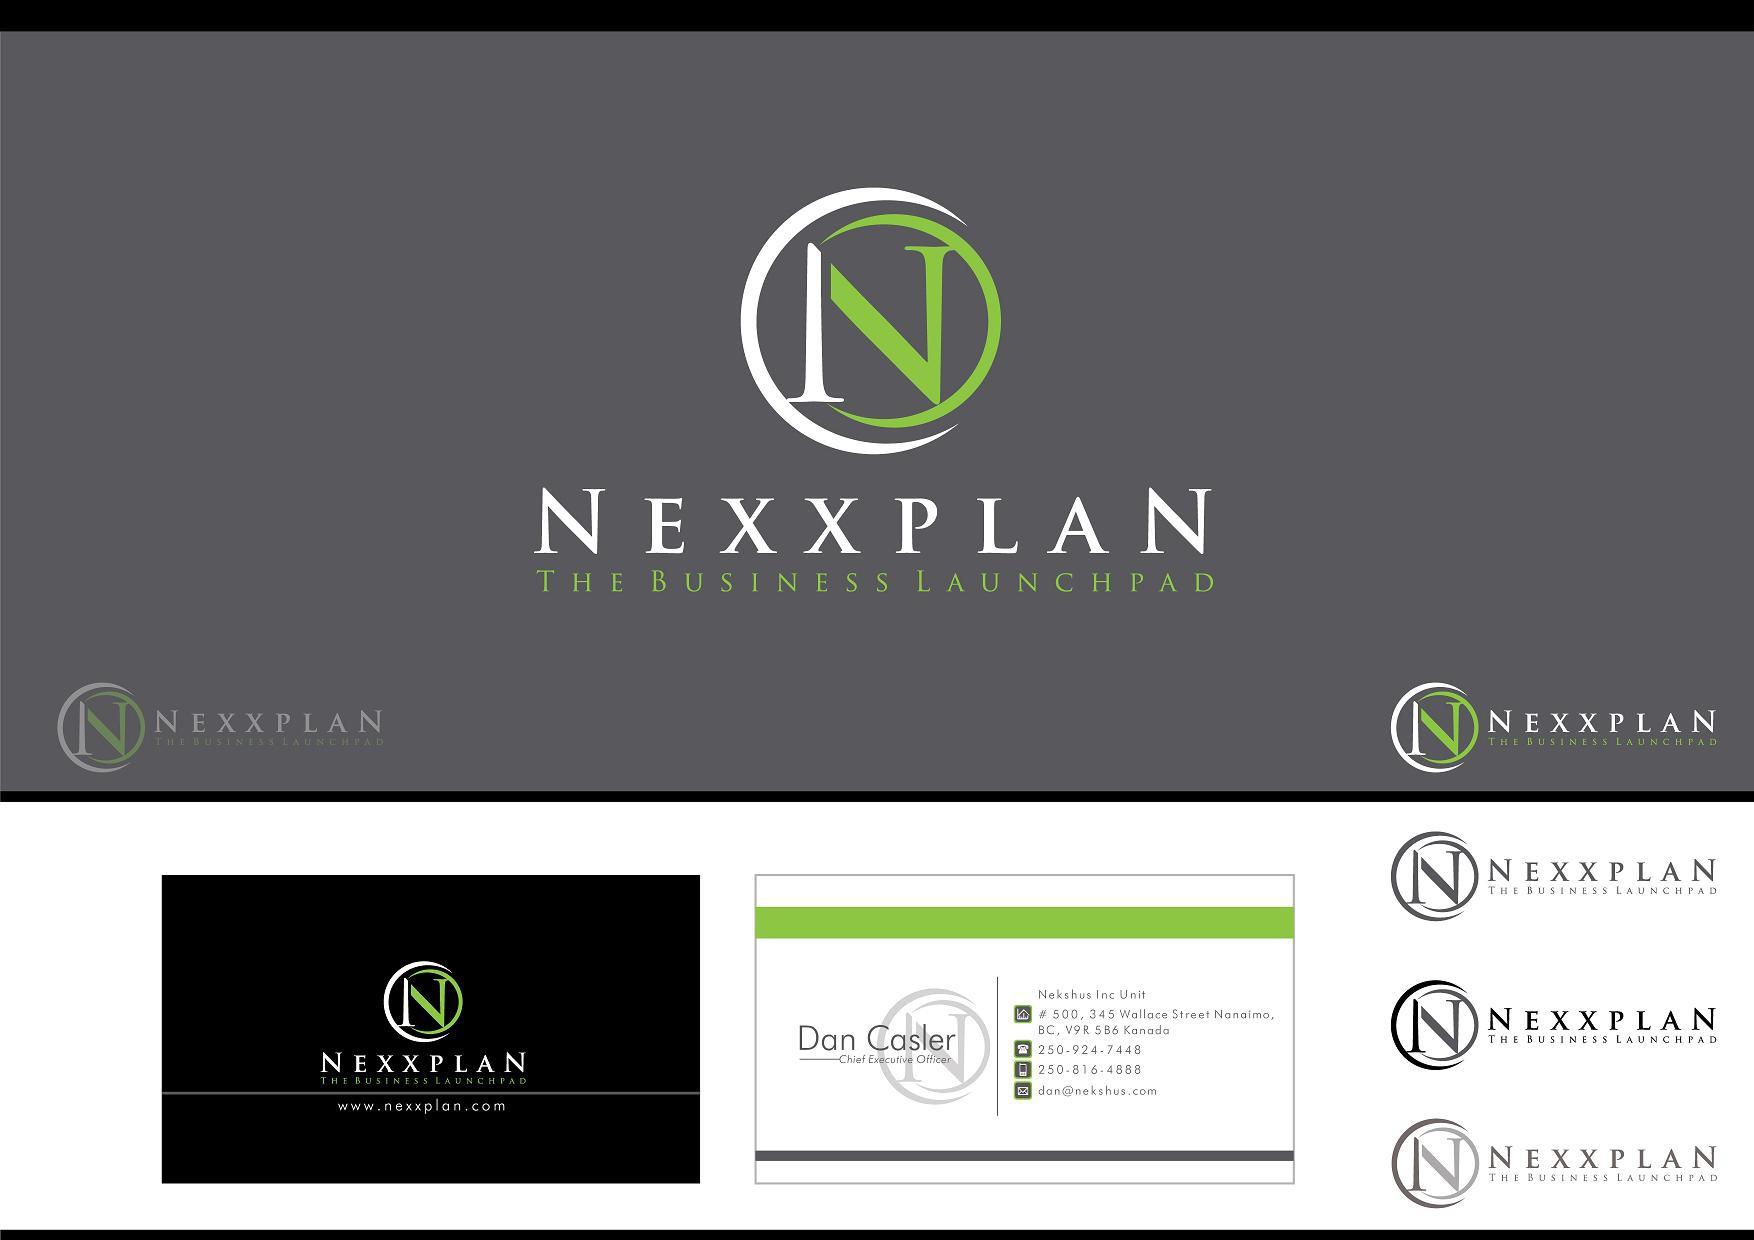 Logo Contest for Nexxplan